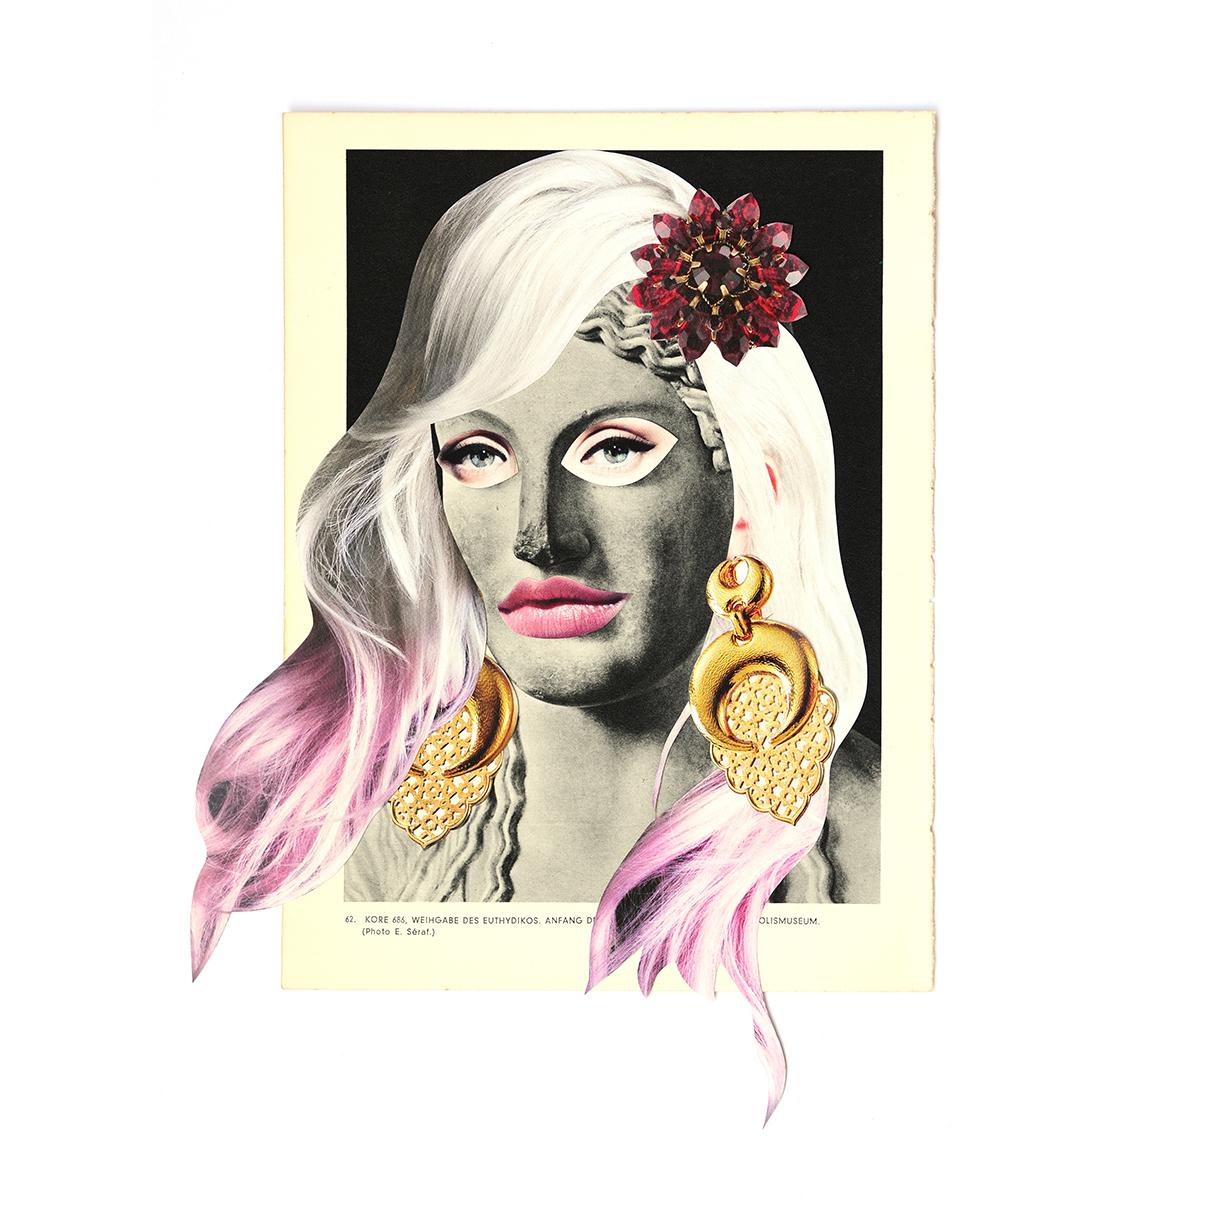 Griechen Plastik #2, 2018, Collage on paper, 18X23 cm.